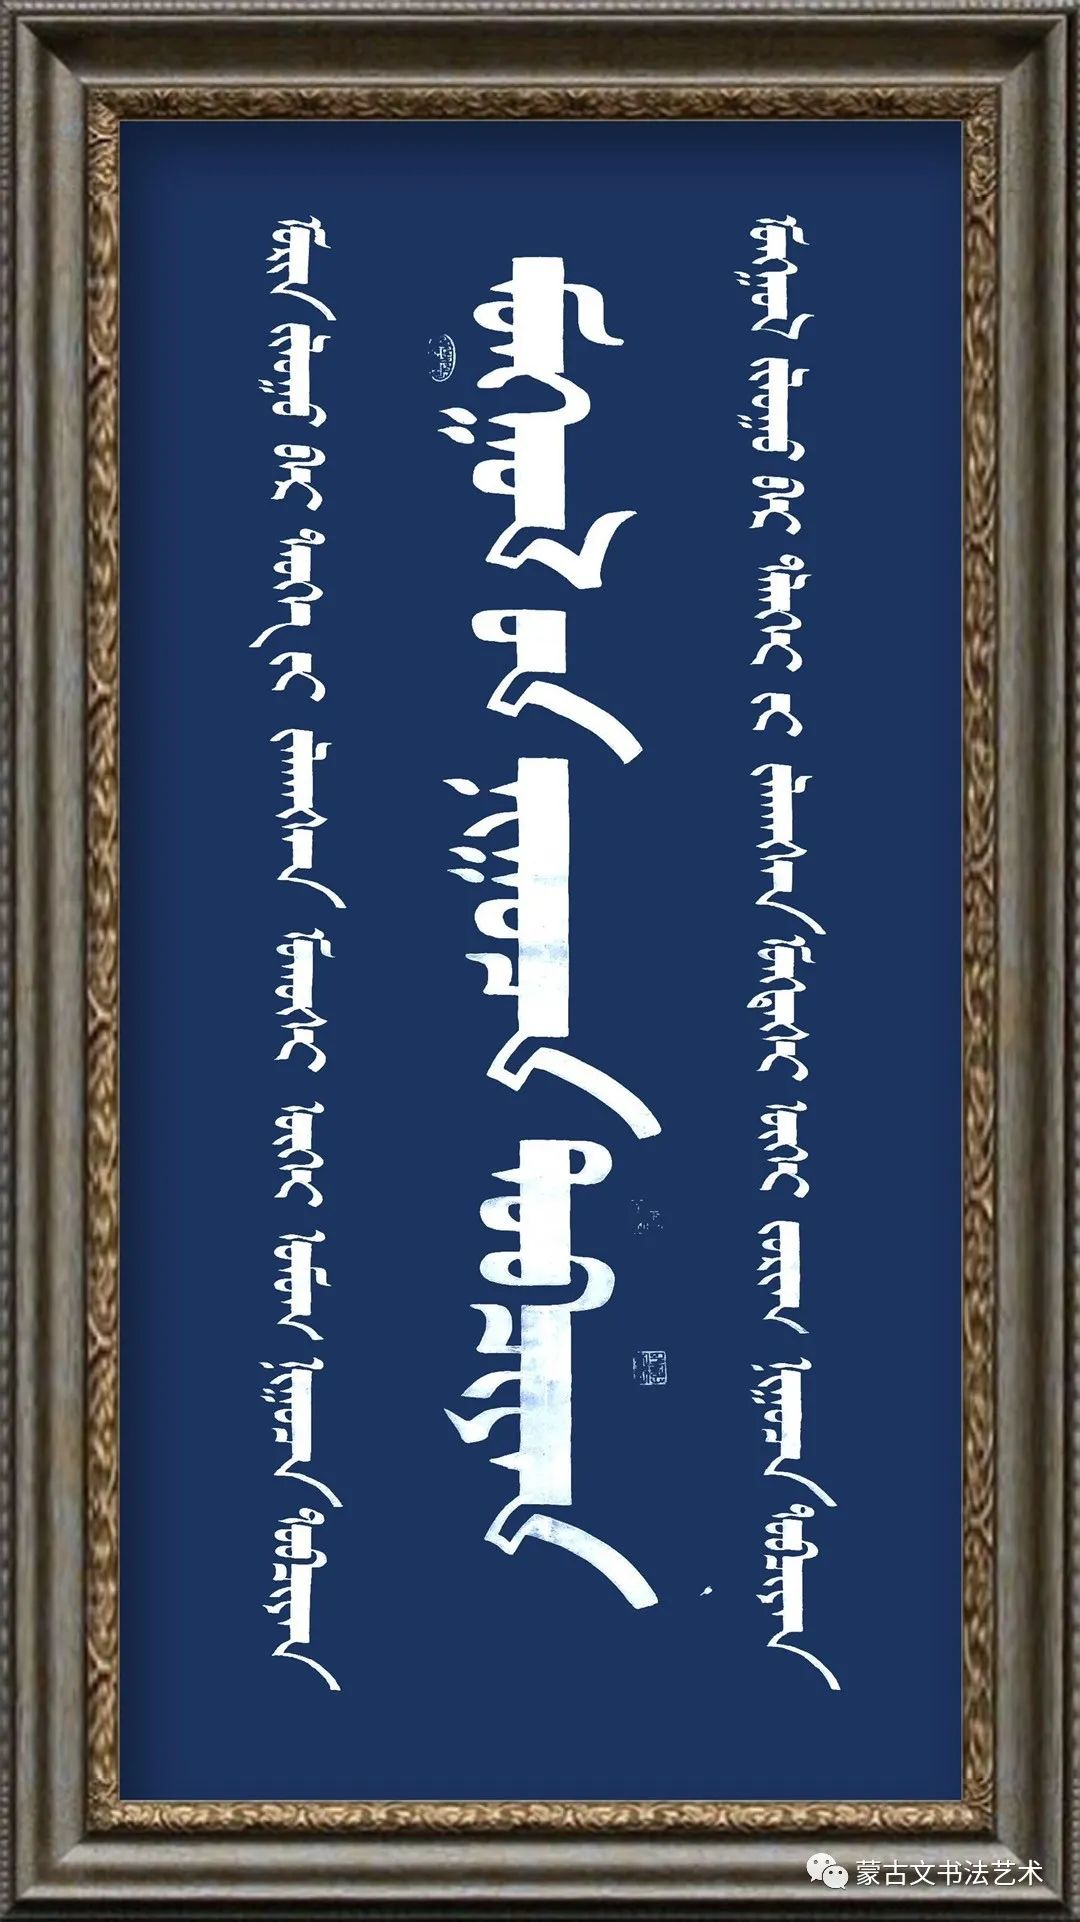 好斯那拉书法作品欣赏 第21张 好斯那拉书法作品欣赏 蒙古书法